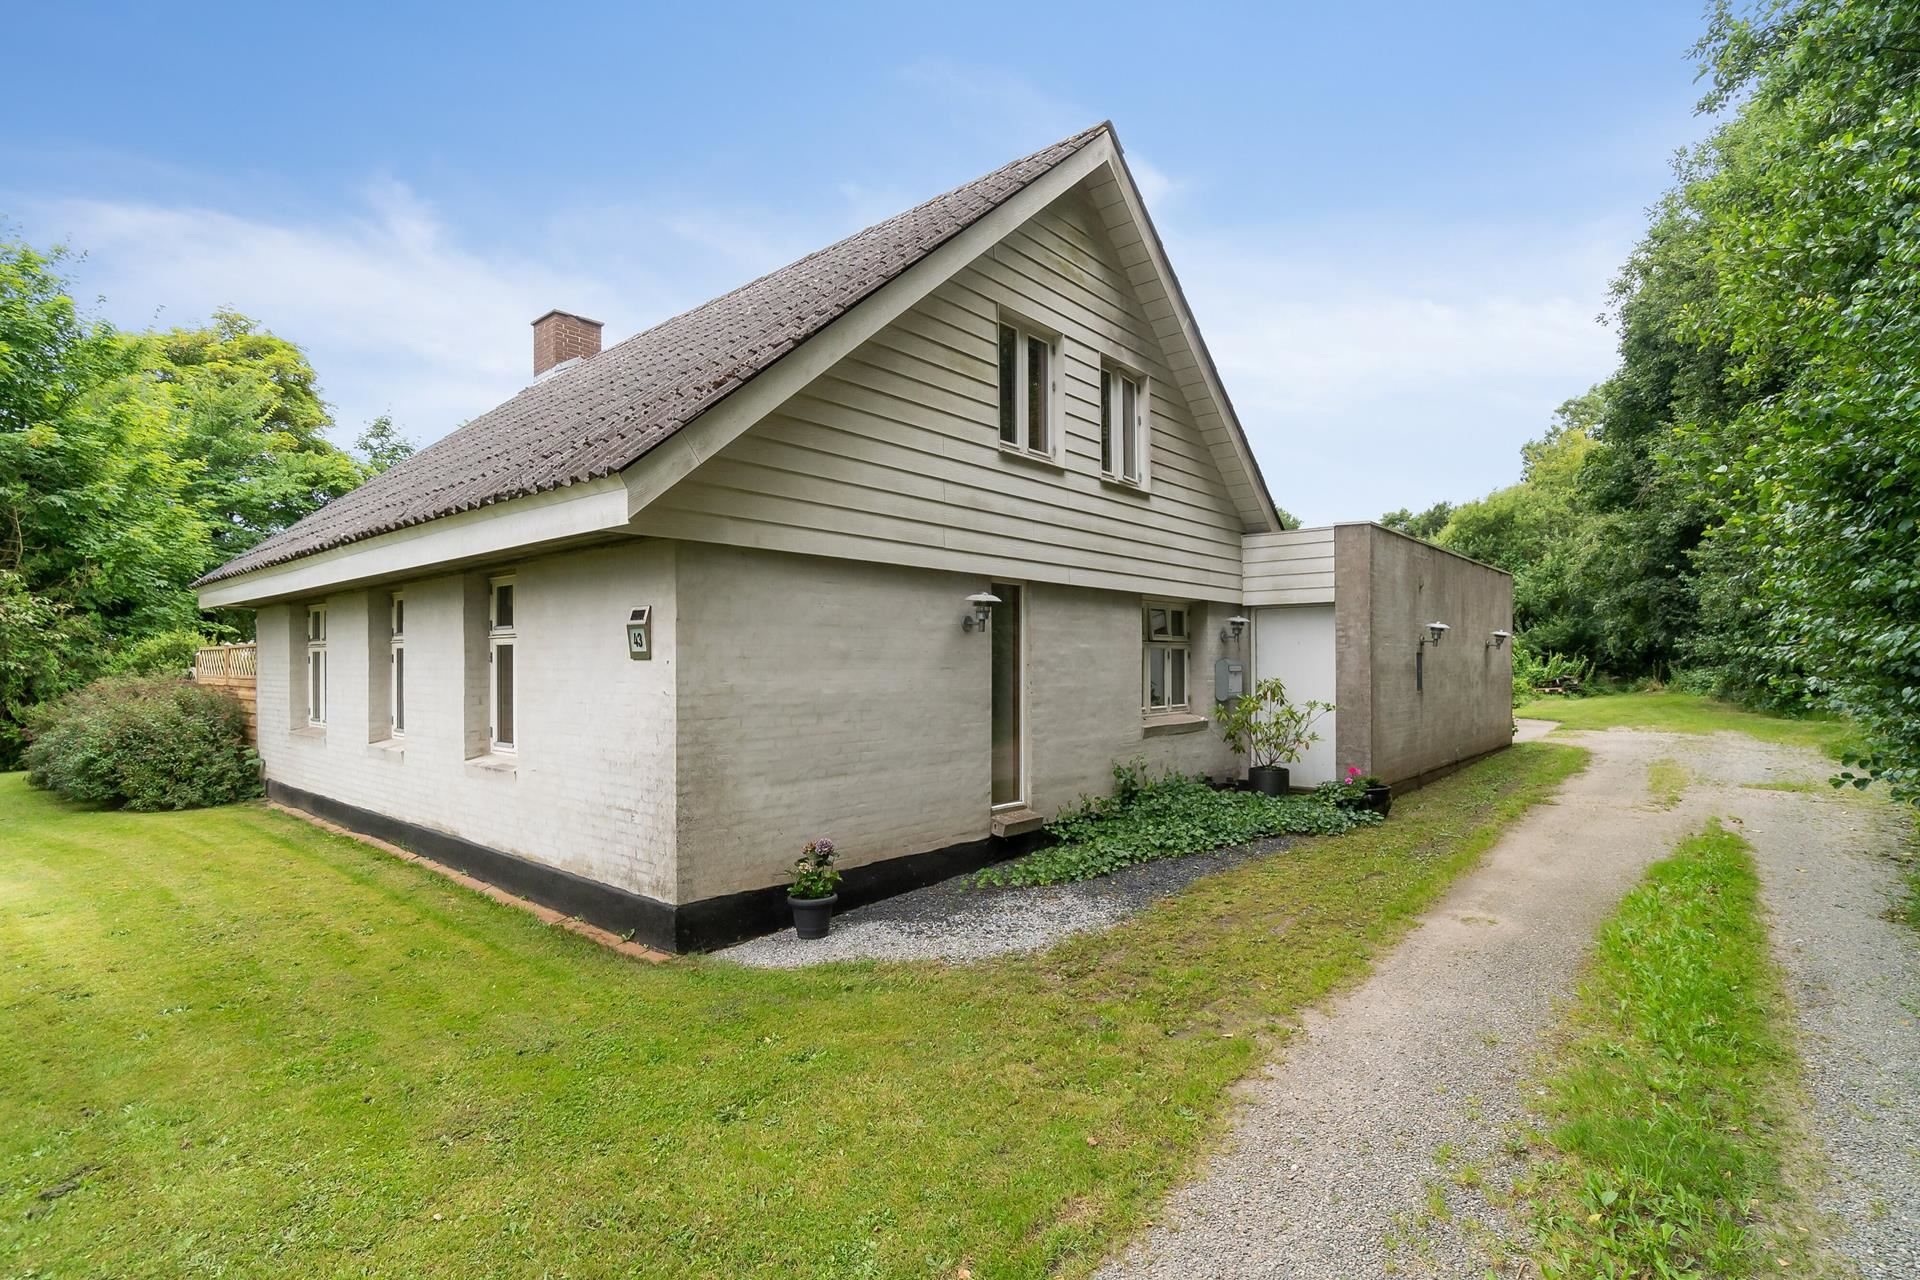 Kærgaardsvej 43, 6052 Viuf